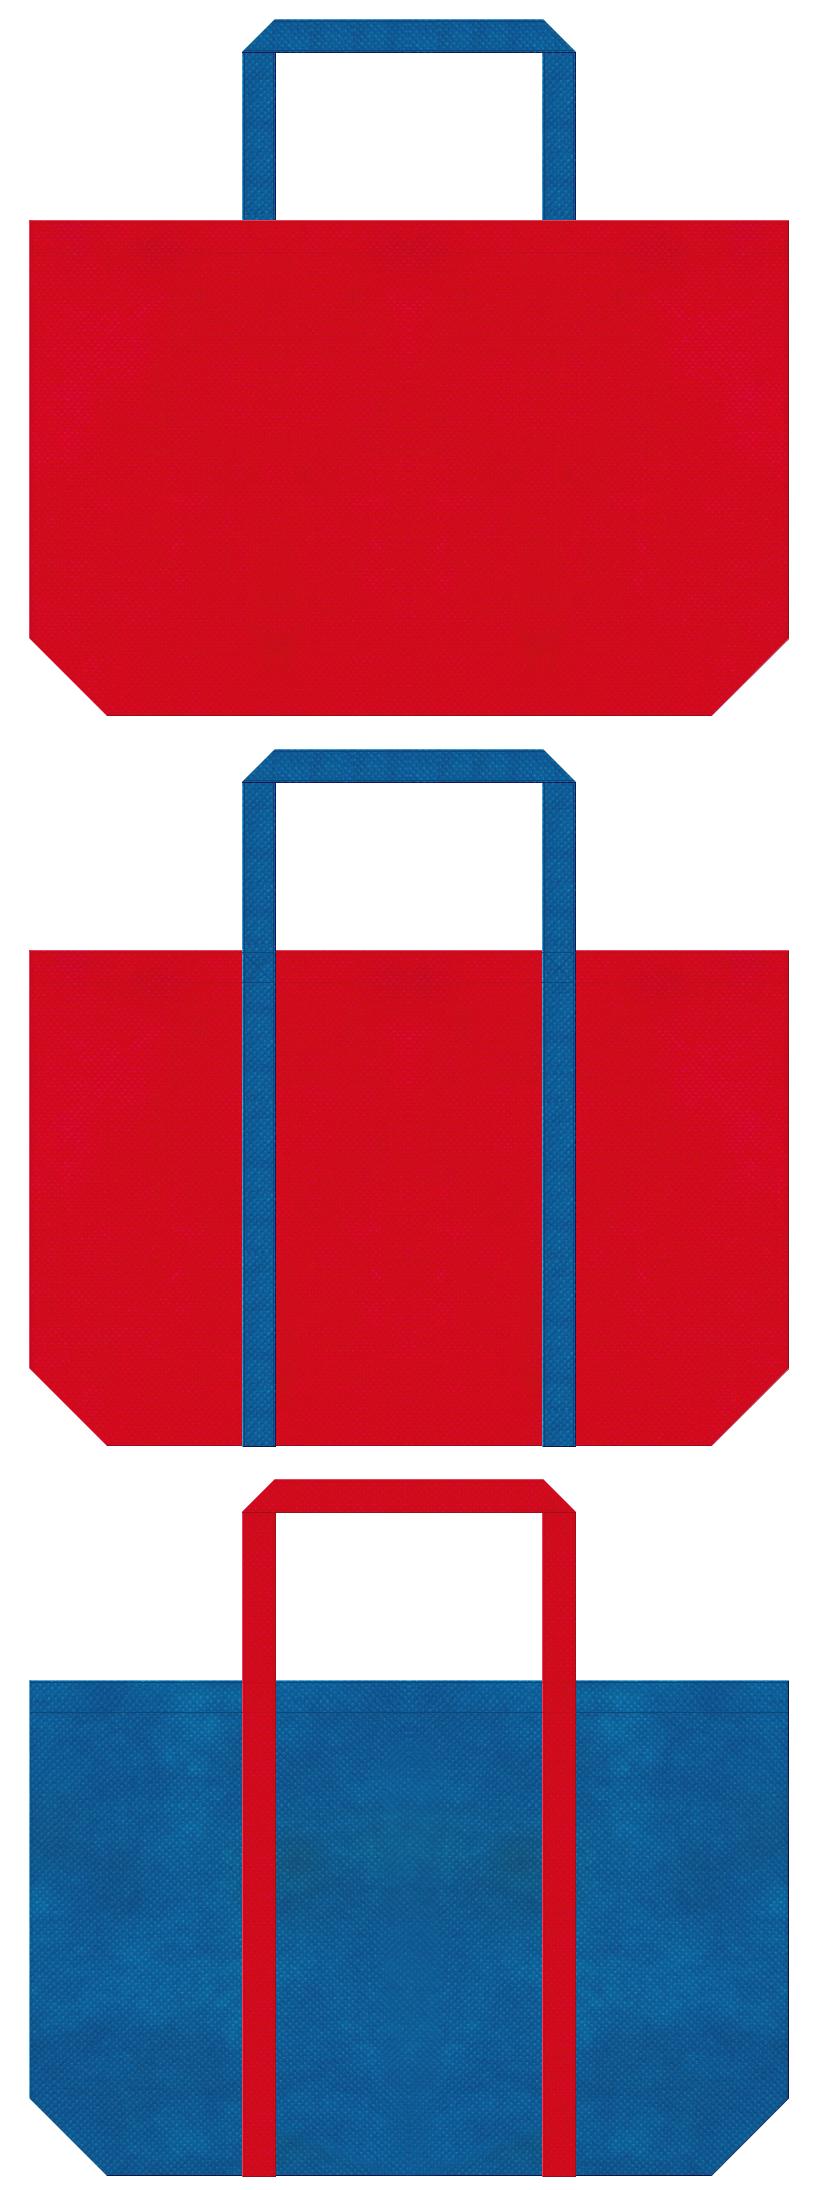 アミューズメント・テーマパーク・キッズイベント・おもちゃの福袋・プレミアムセールのショッピングバッグにお奨めの不織布バッグデザイン:紅色と青色のコーデ